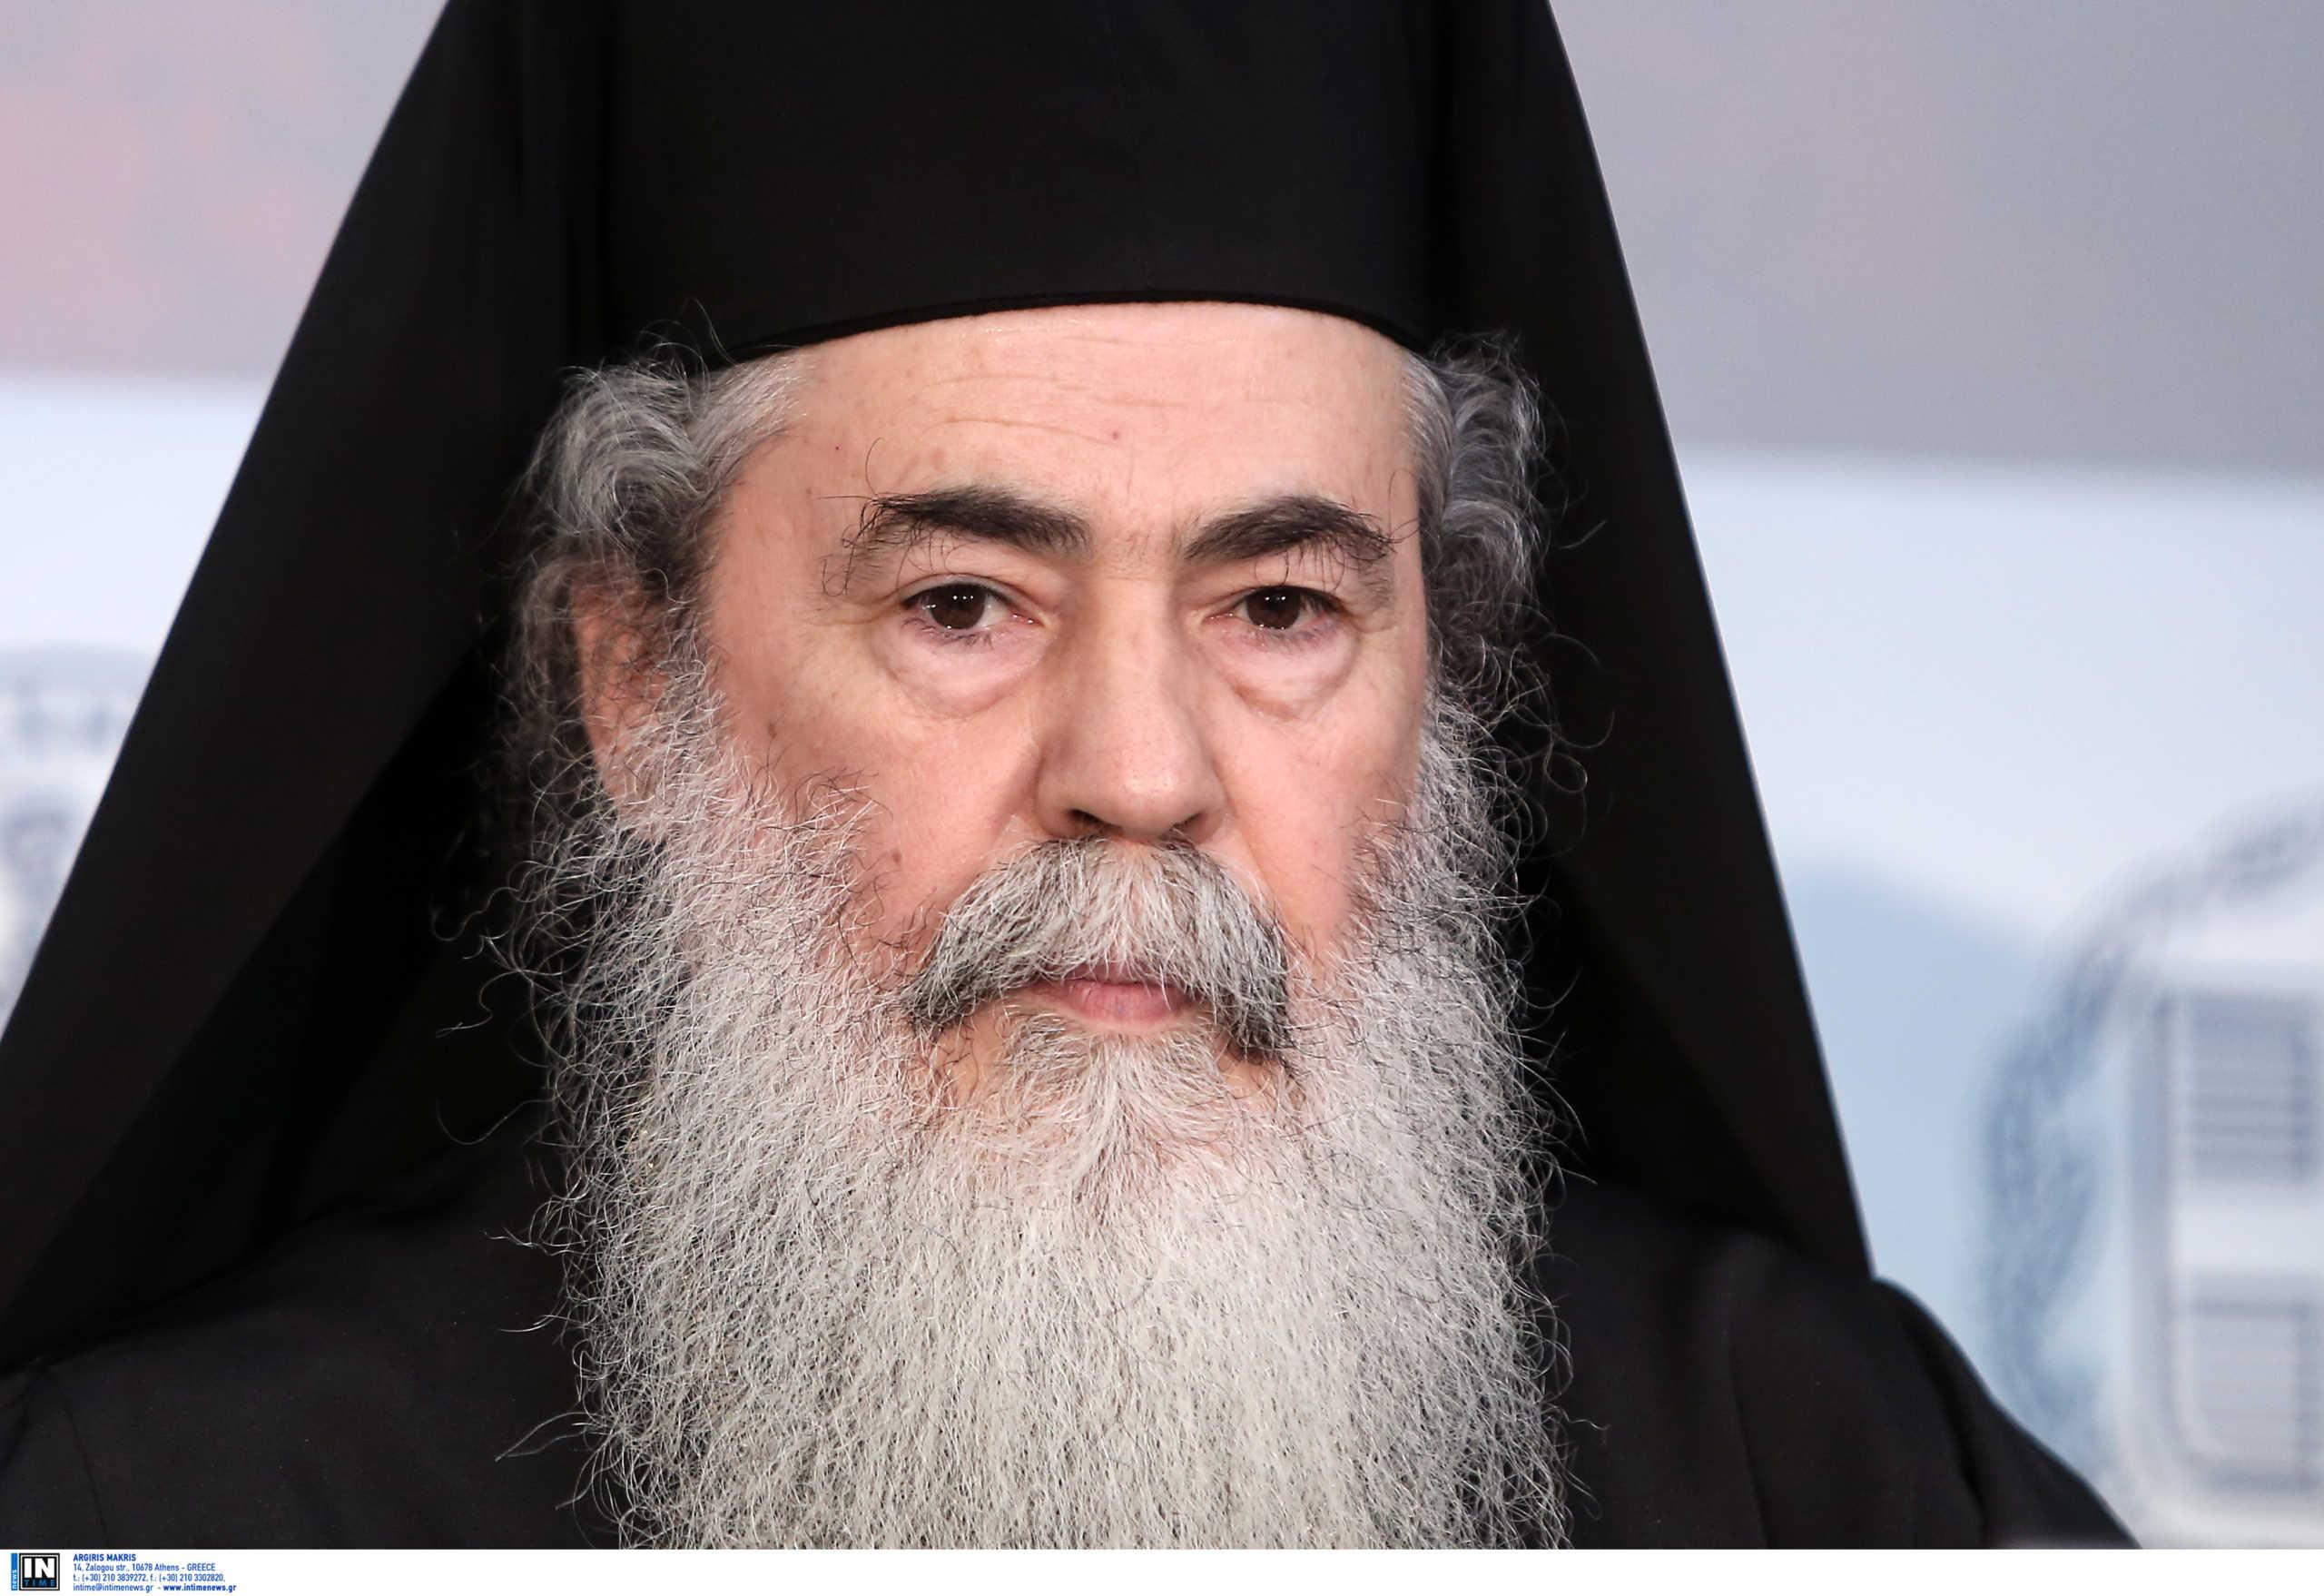 Ο Πατριάρχης Ιεροσολύμων «χαρίζει» όλα τα ενοίκια του 2020!